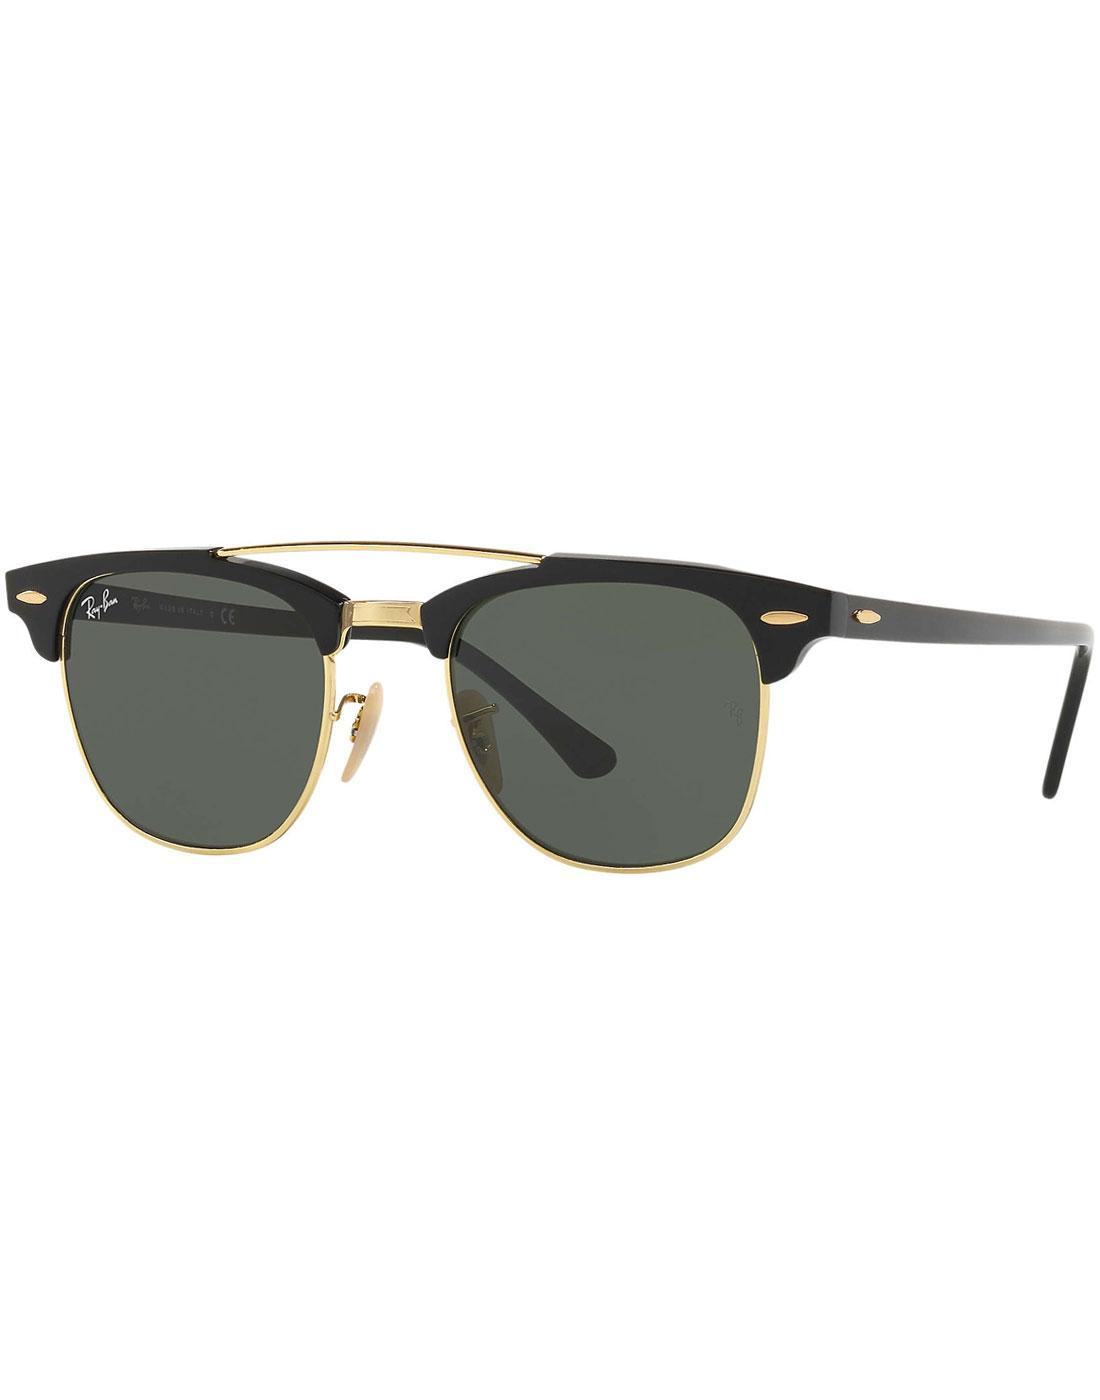 Clubmaster RAY-BAN Double Bridge Retro Sunglasses